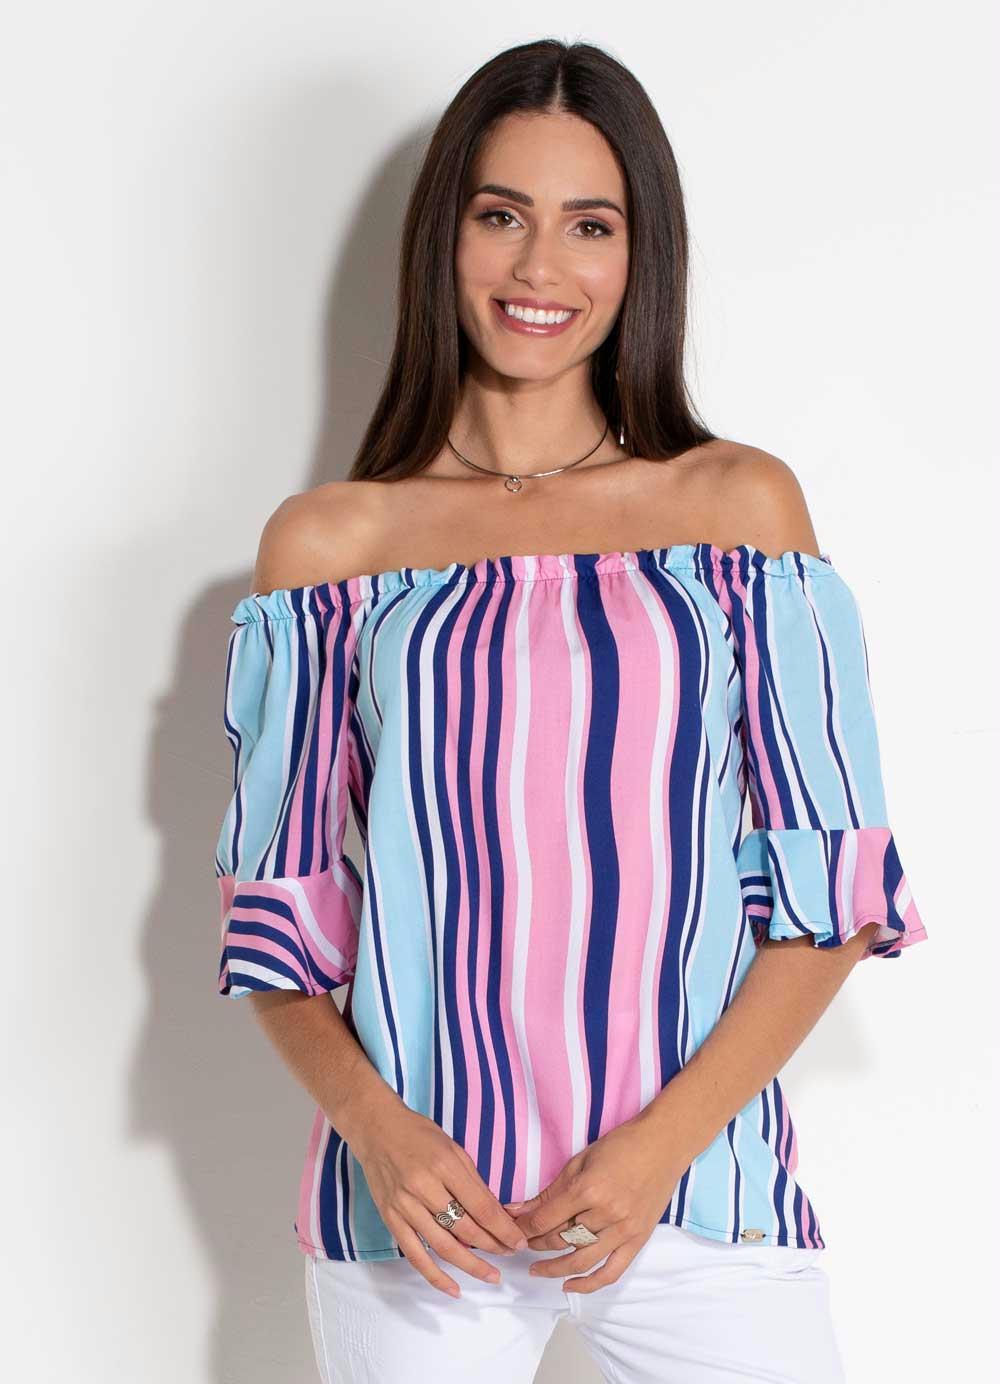 e7cefc0e0 Blusa Ciganinha Quintess Listras Coloridas - Quintess